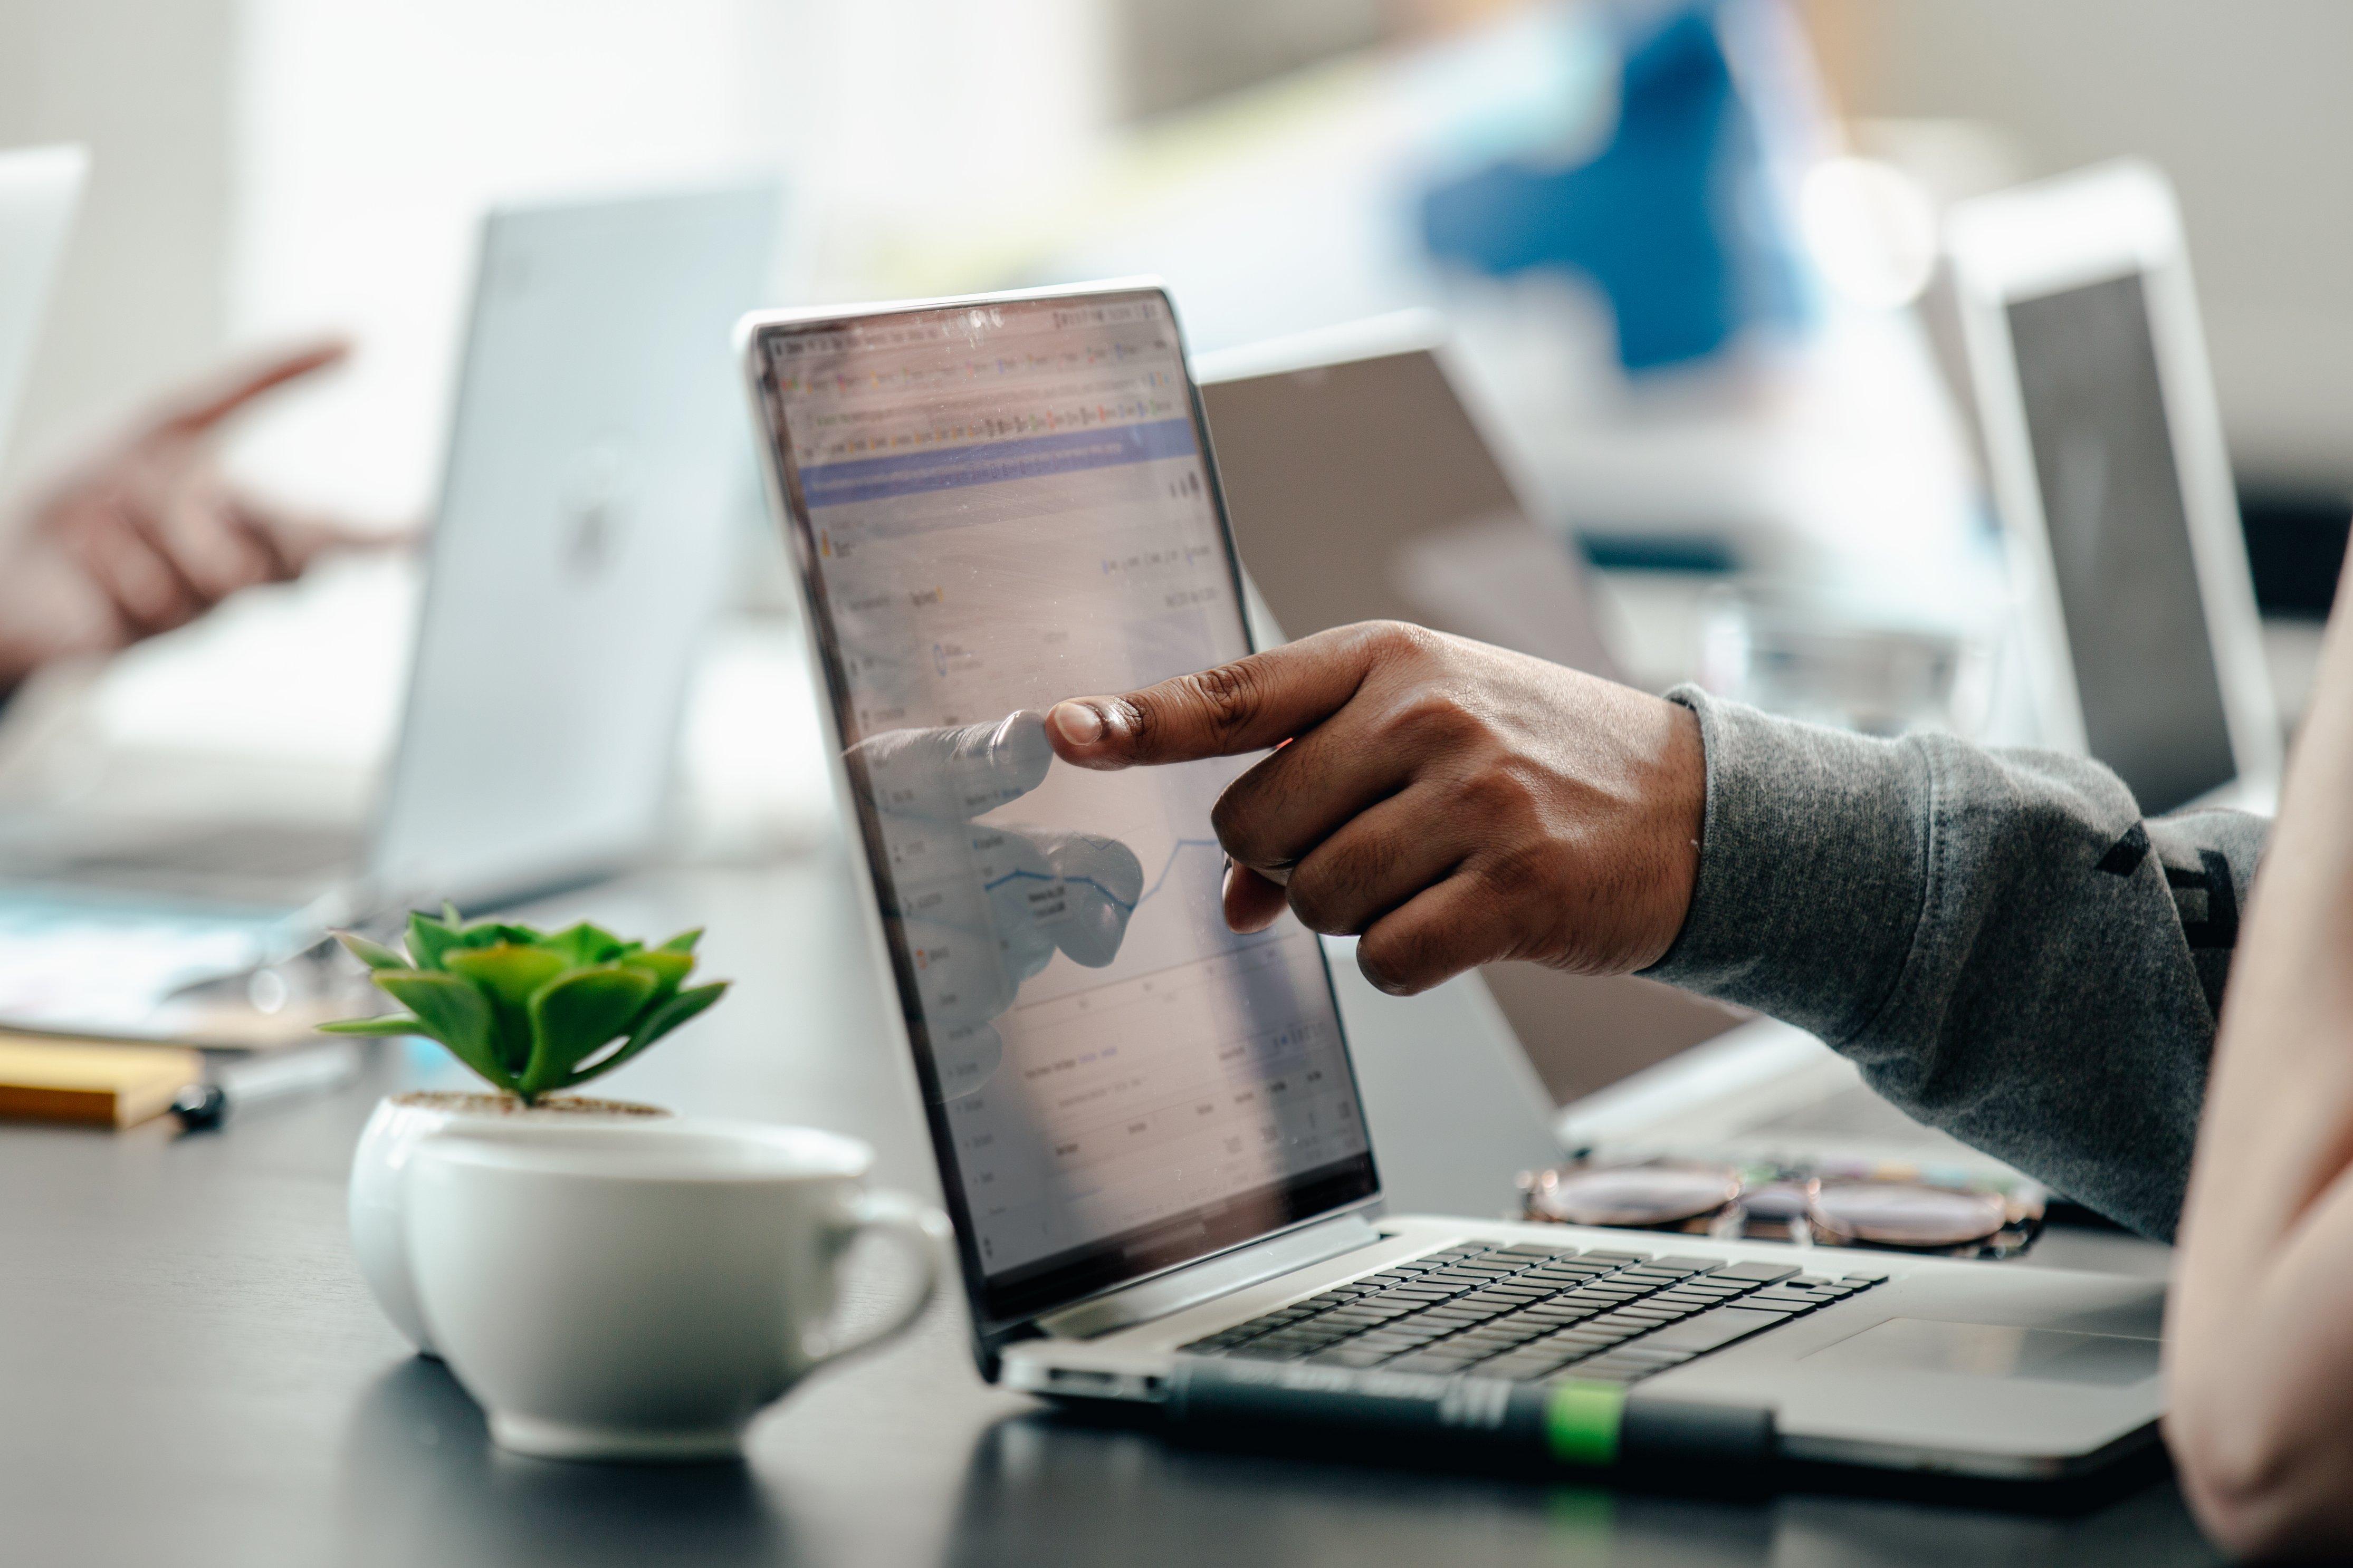 man-pointing-at-laptop-screen-analytics